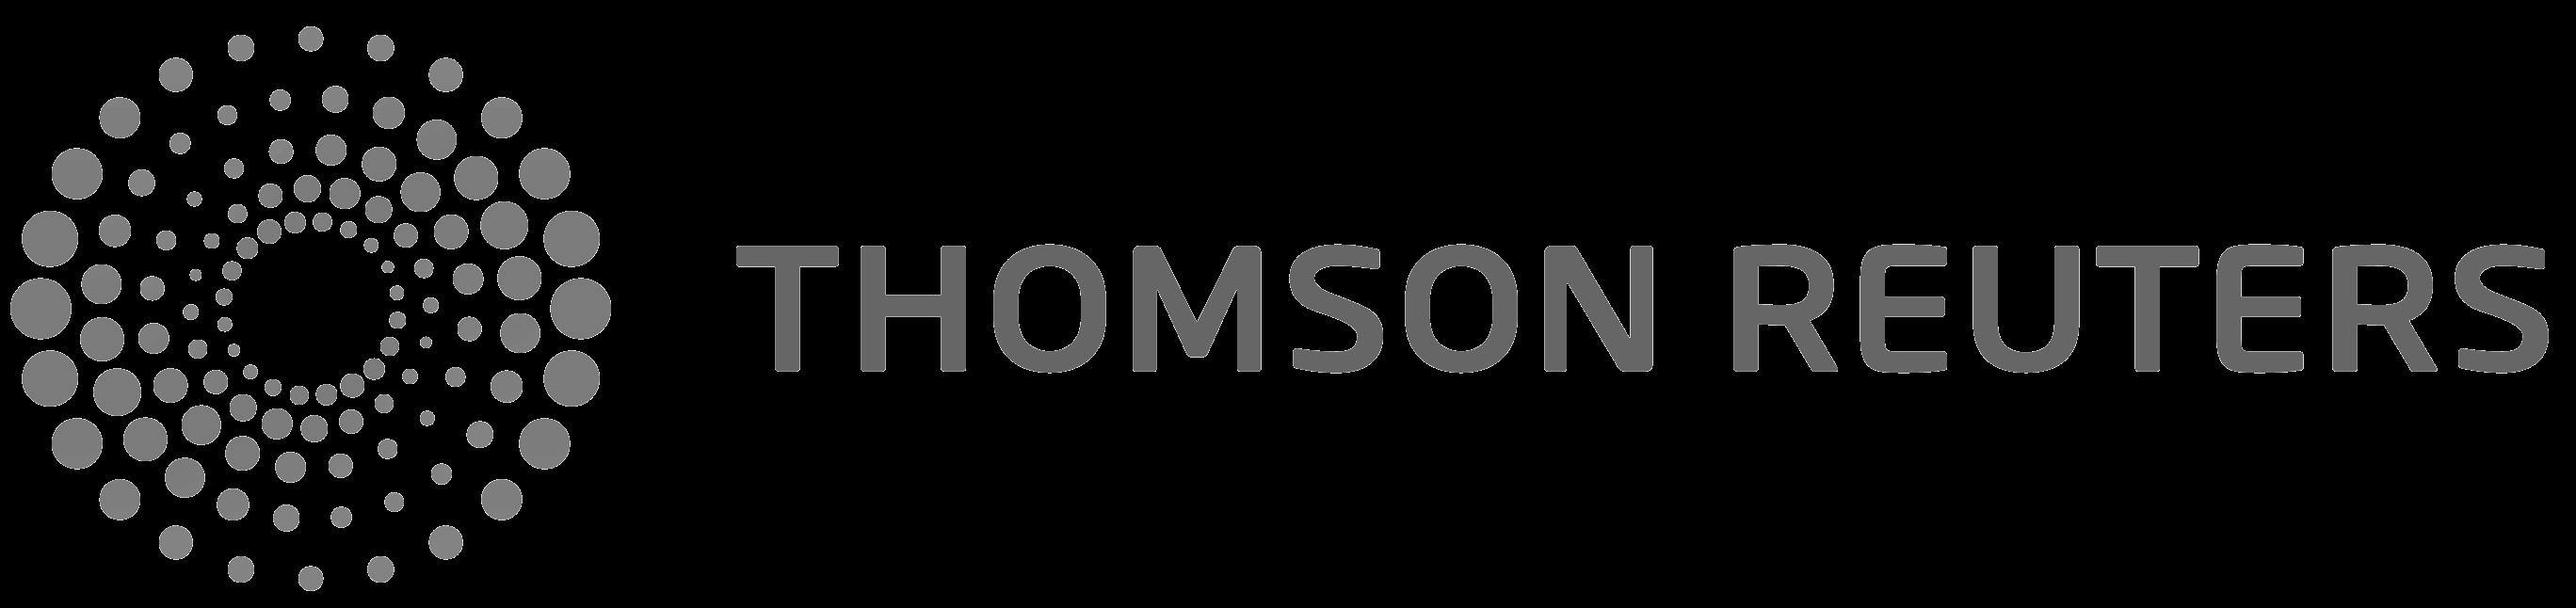 thomson reuters client